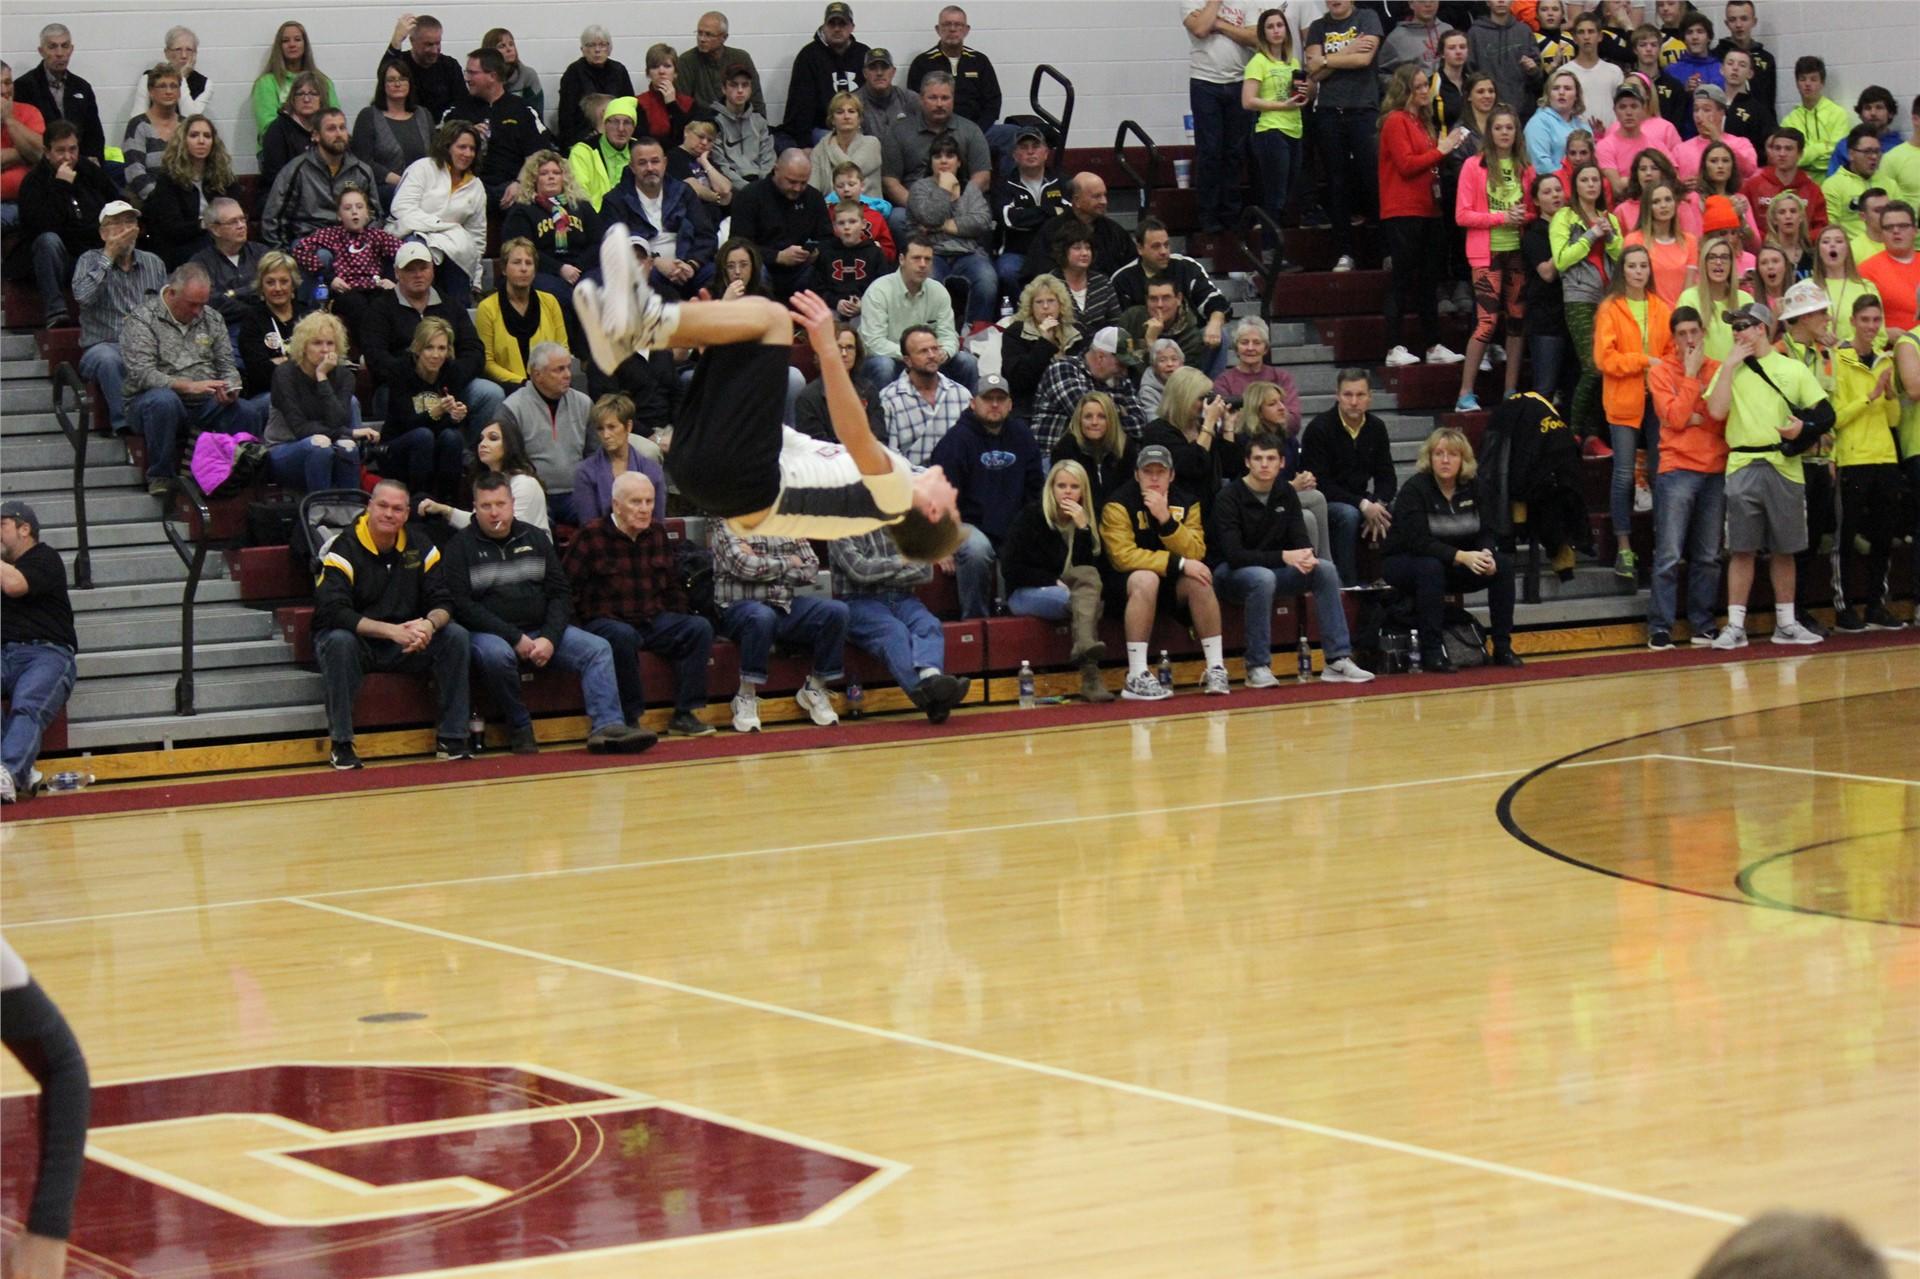 Josh Hartman flipping